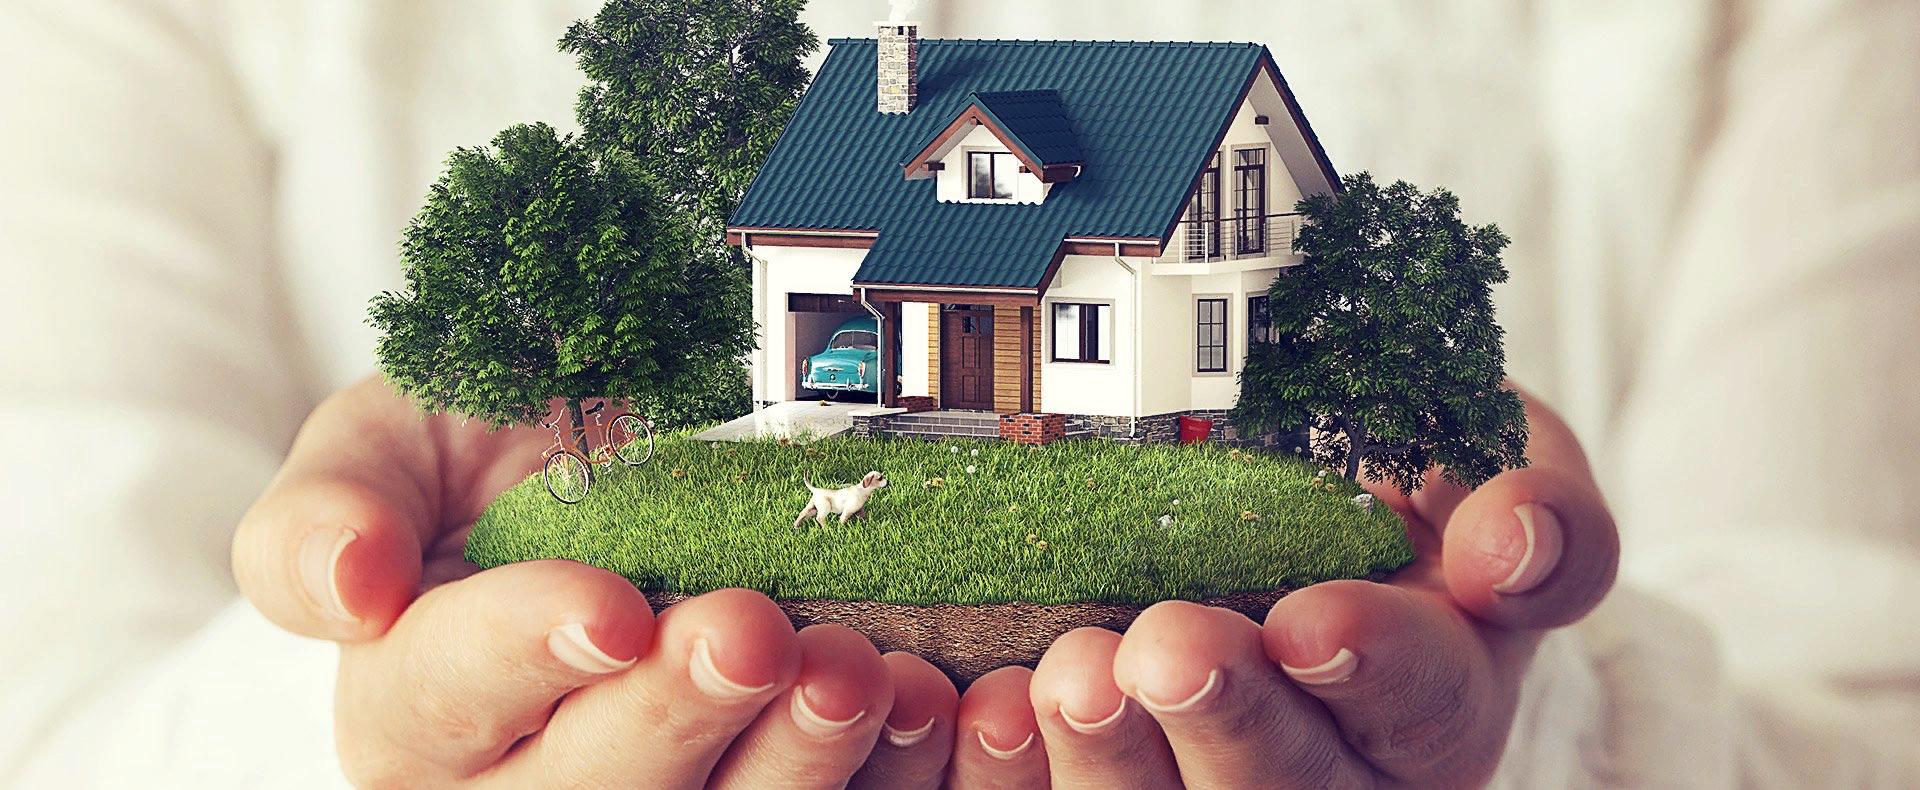 5 признаков, которые сигнализируют о том, что в вашем доме плохая энергетика